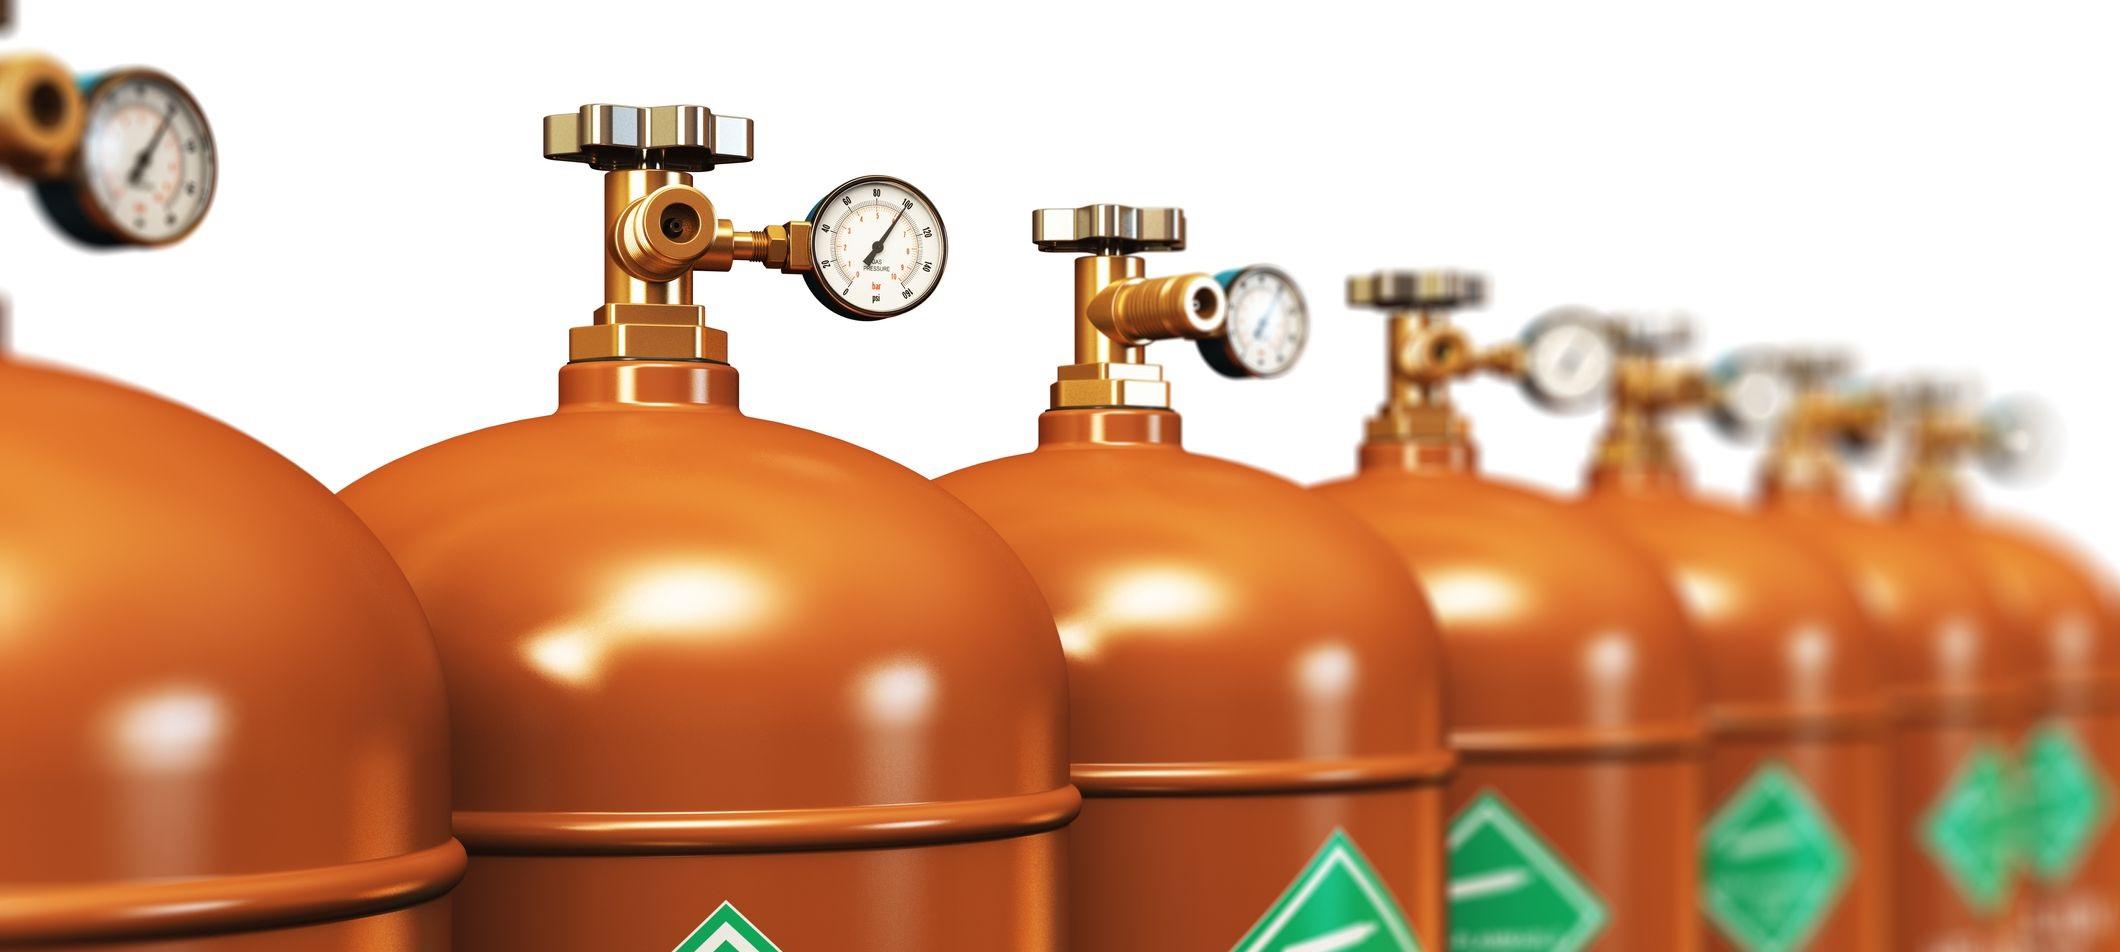 مشخصه ها و ویژگی های کپسول گاز هلیوم 50 لیتری شامل چه مواردی می شود؟